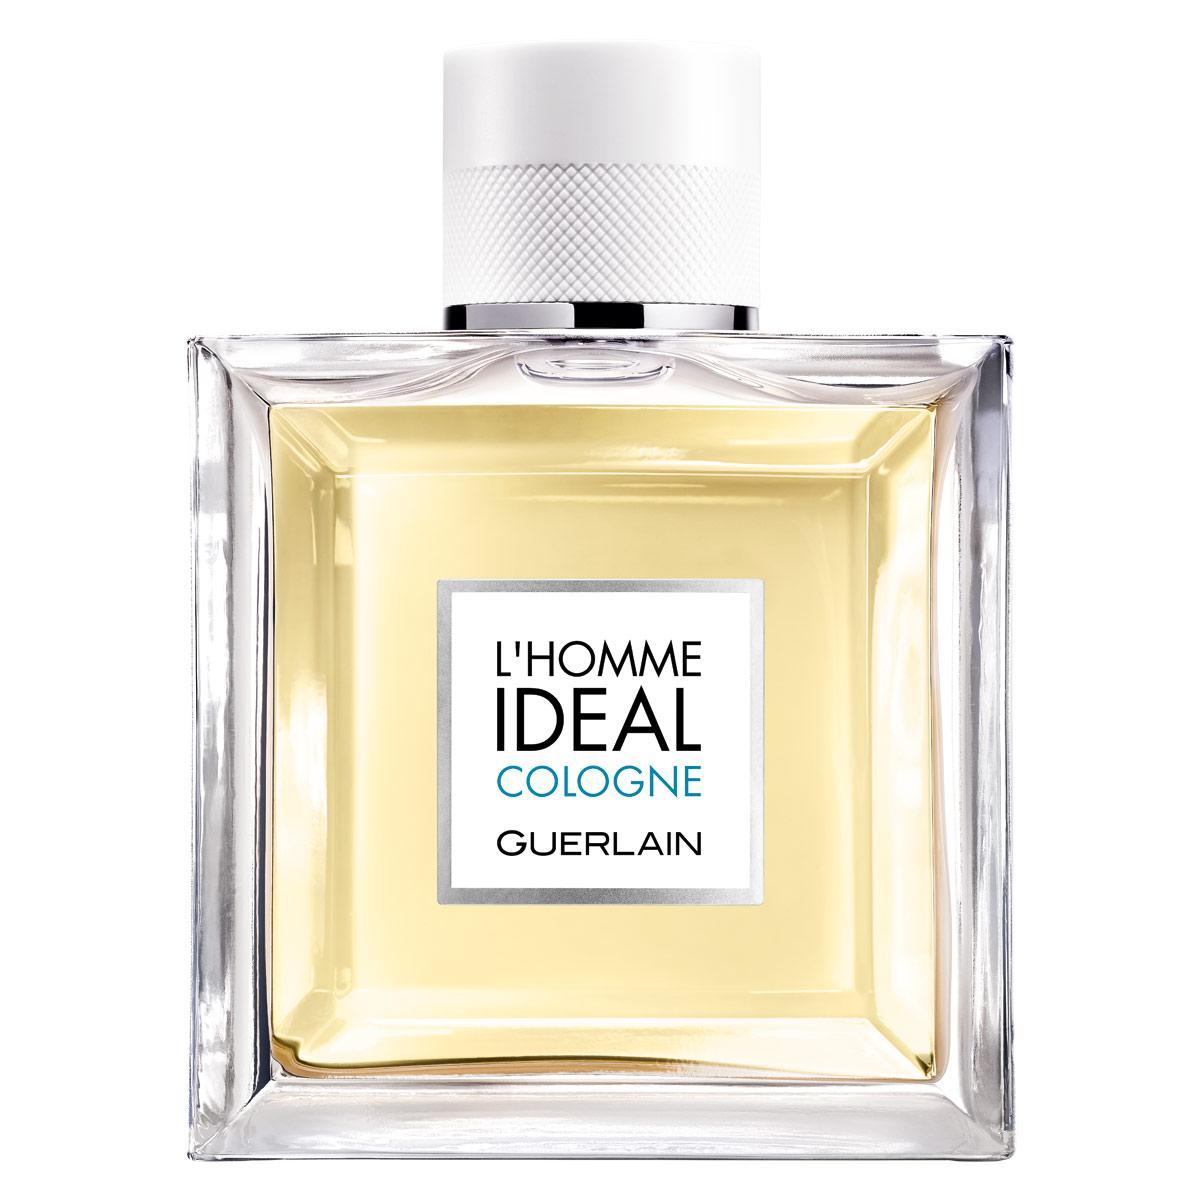 Parfum pour homme l'homme idéal cologne